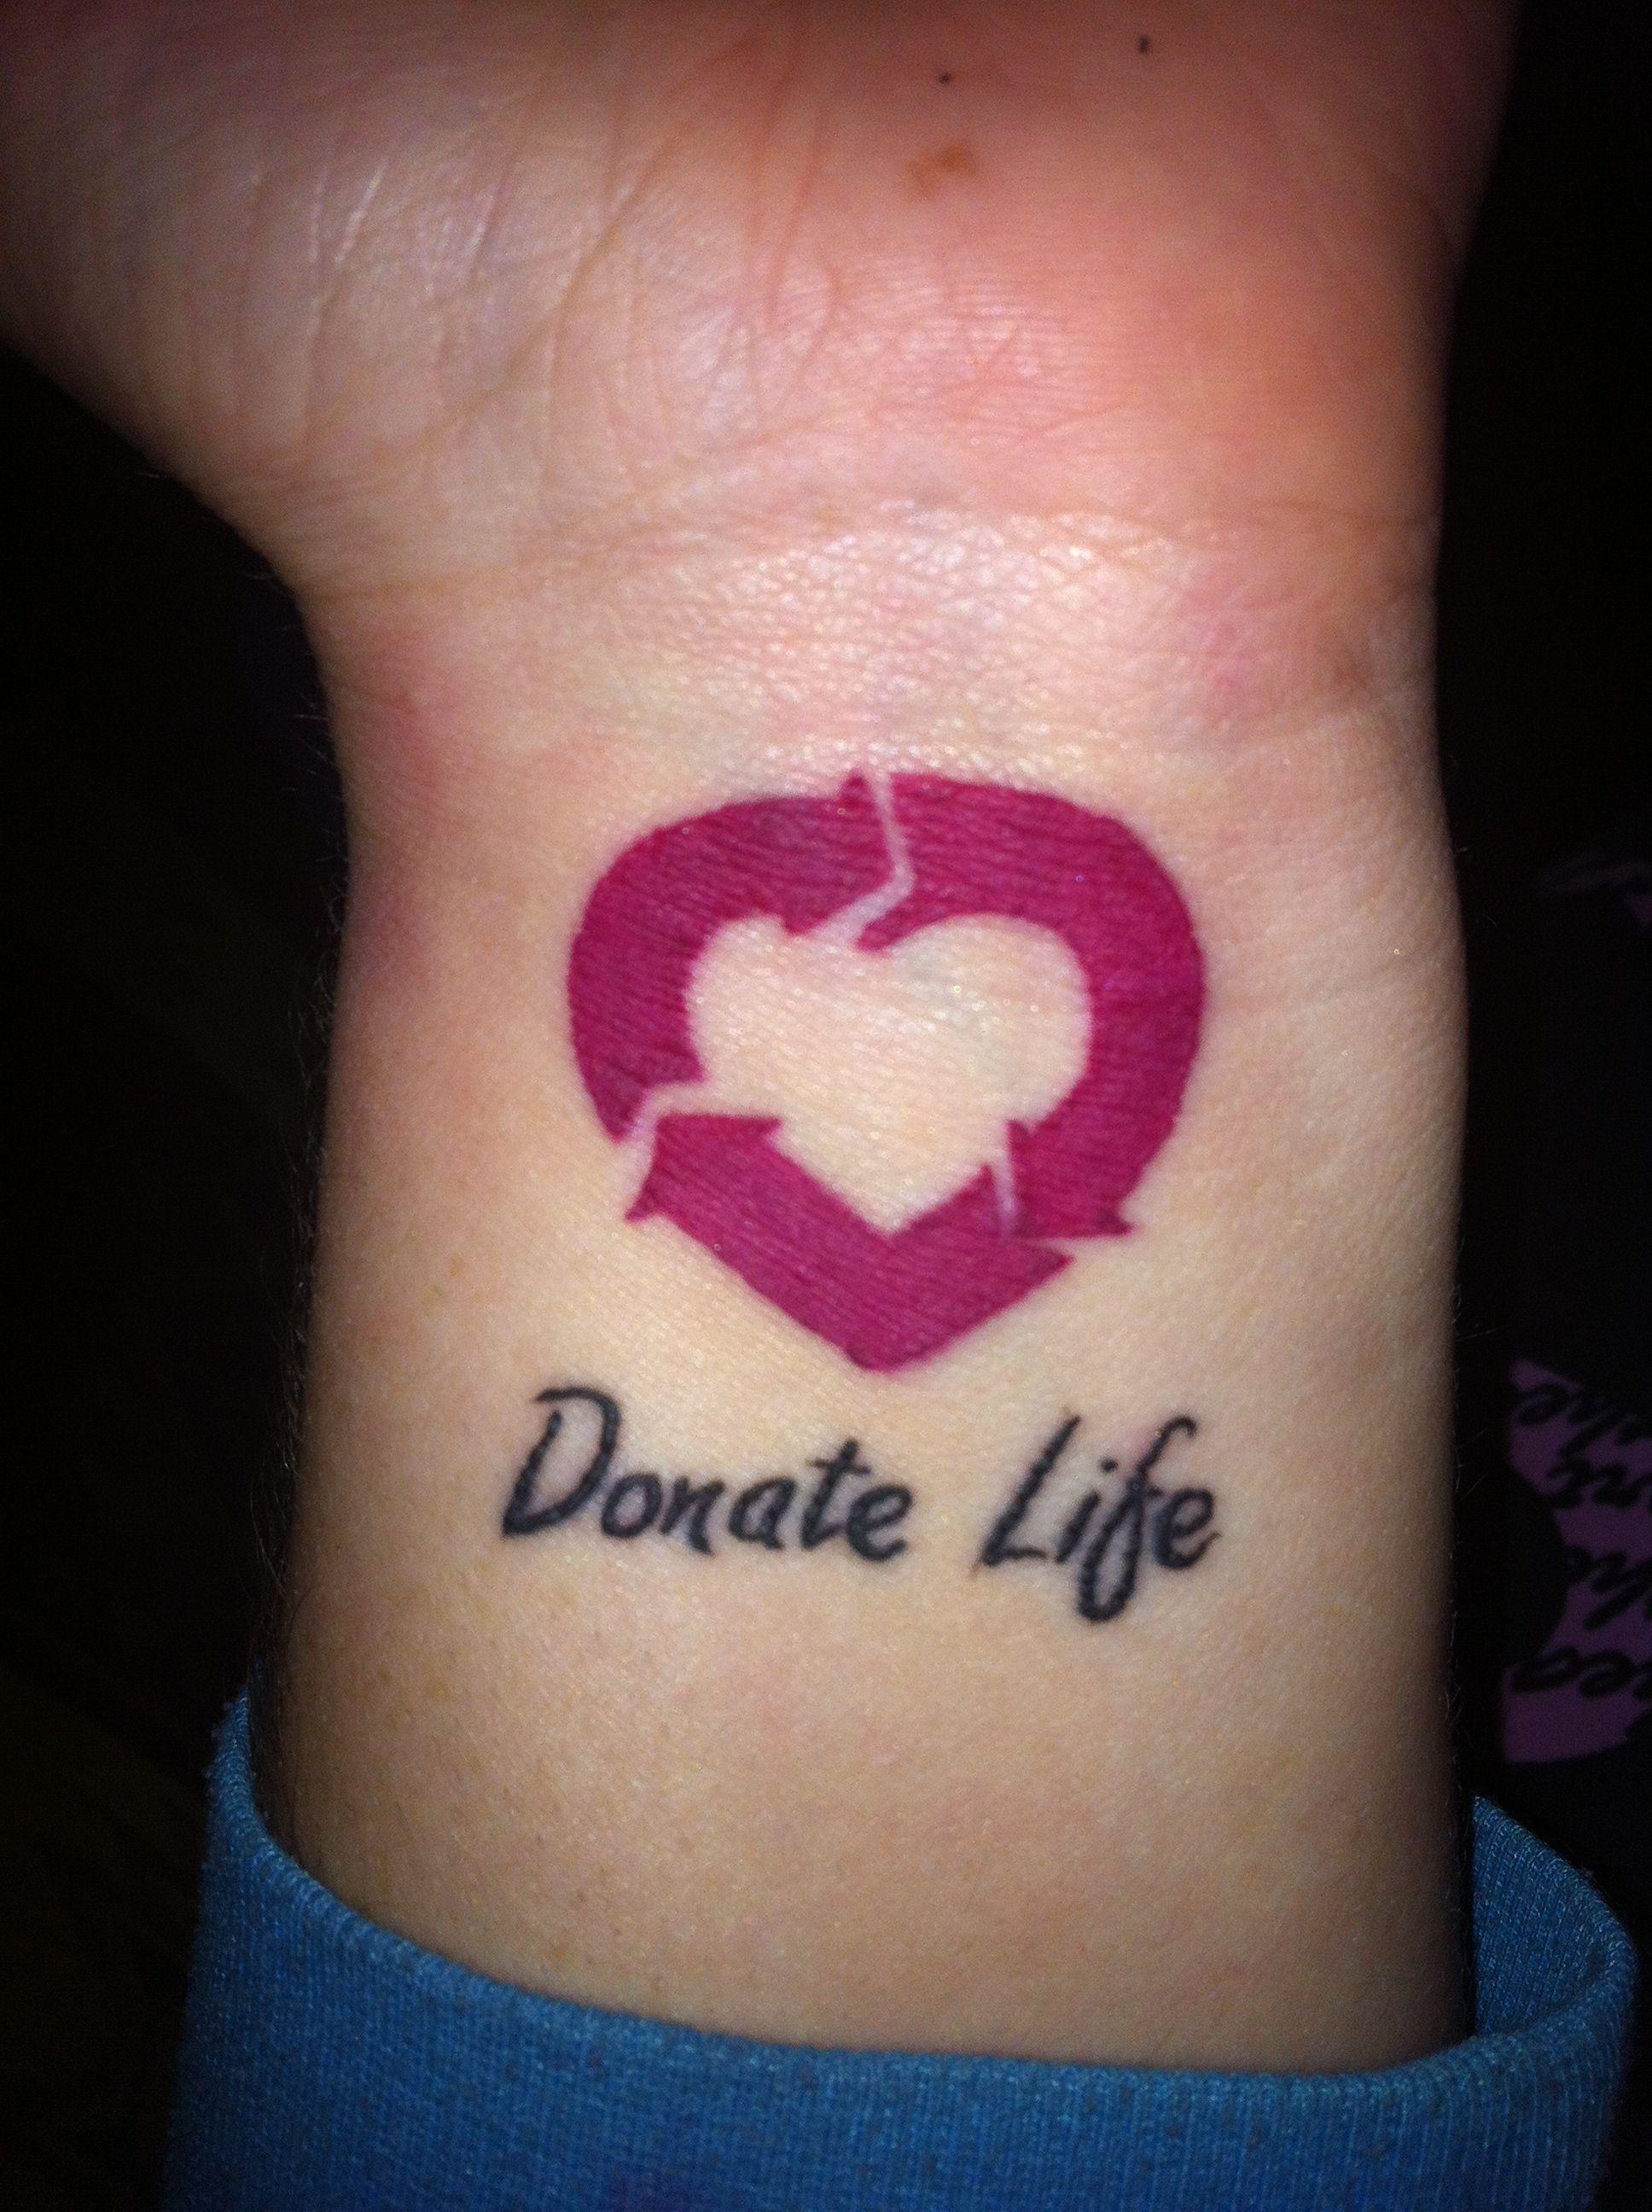 73ef8396338555c5e7b74c98c1f67939 - How Long To Donate Blood After Getting A Tattoo